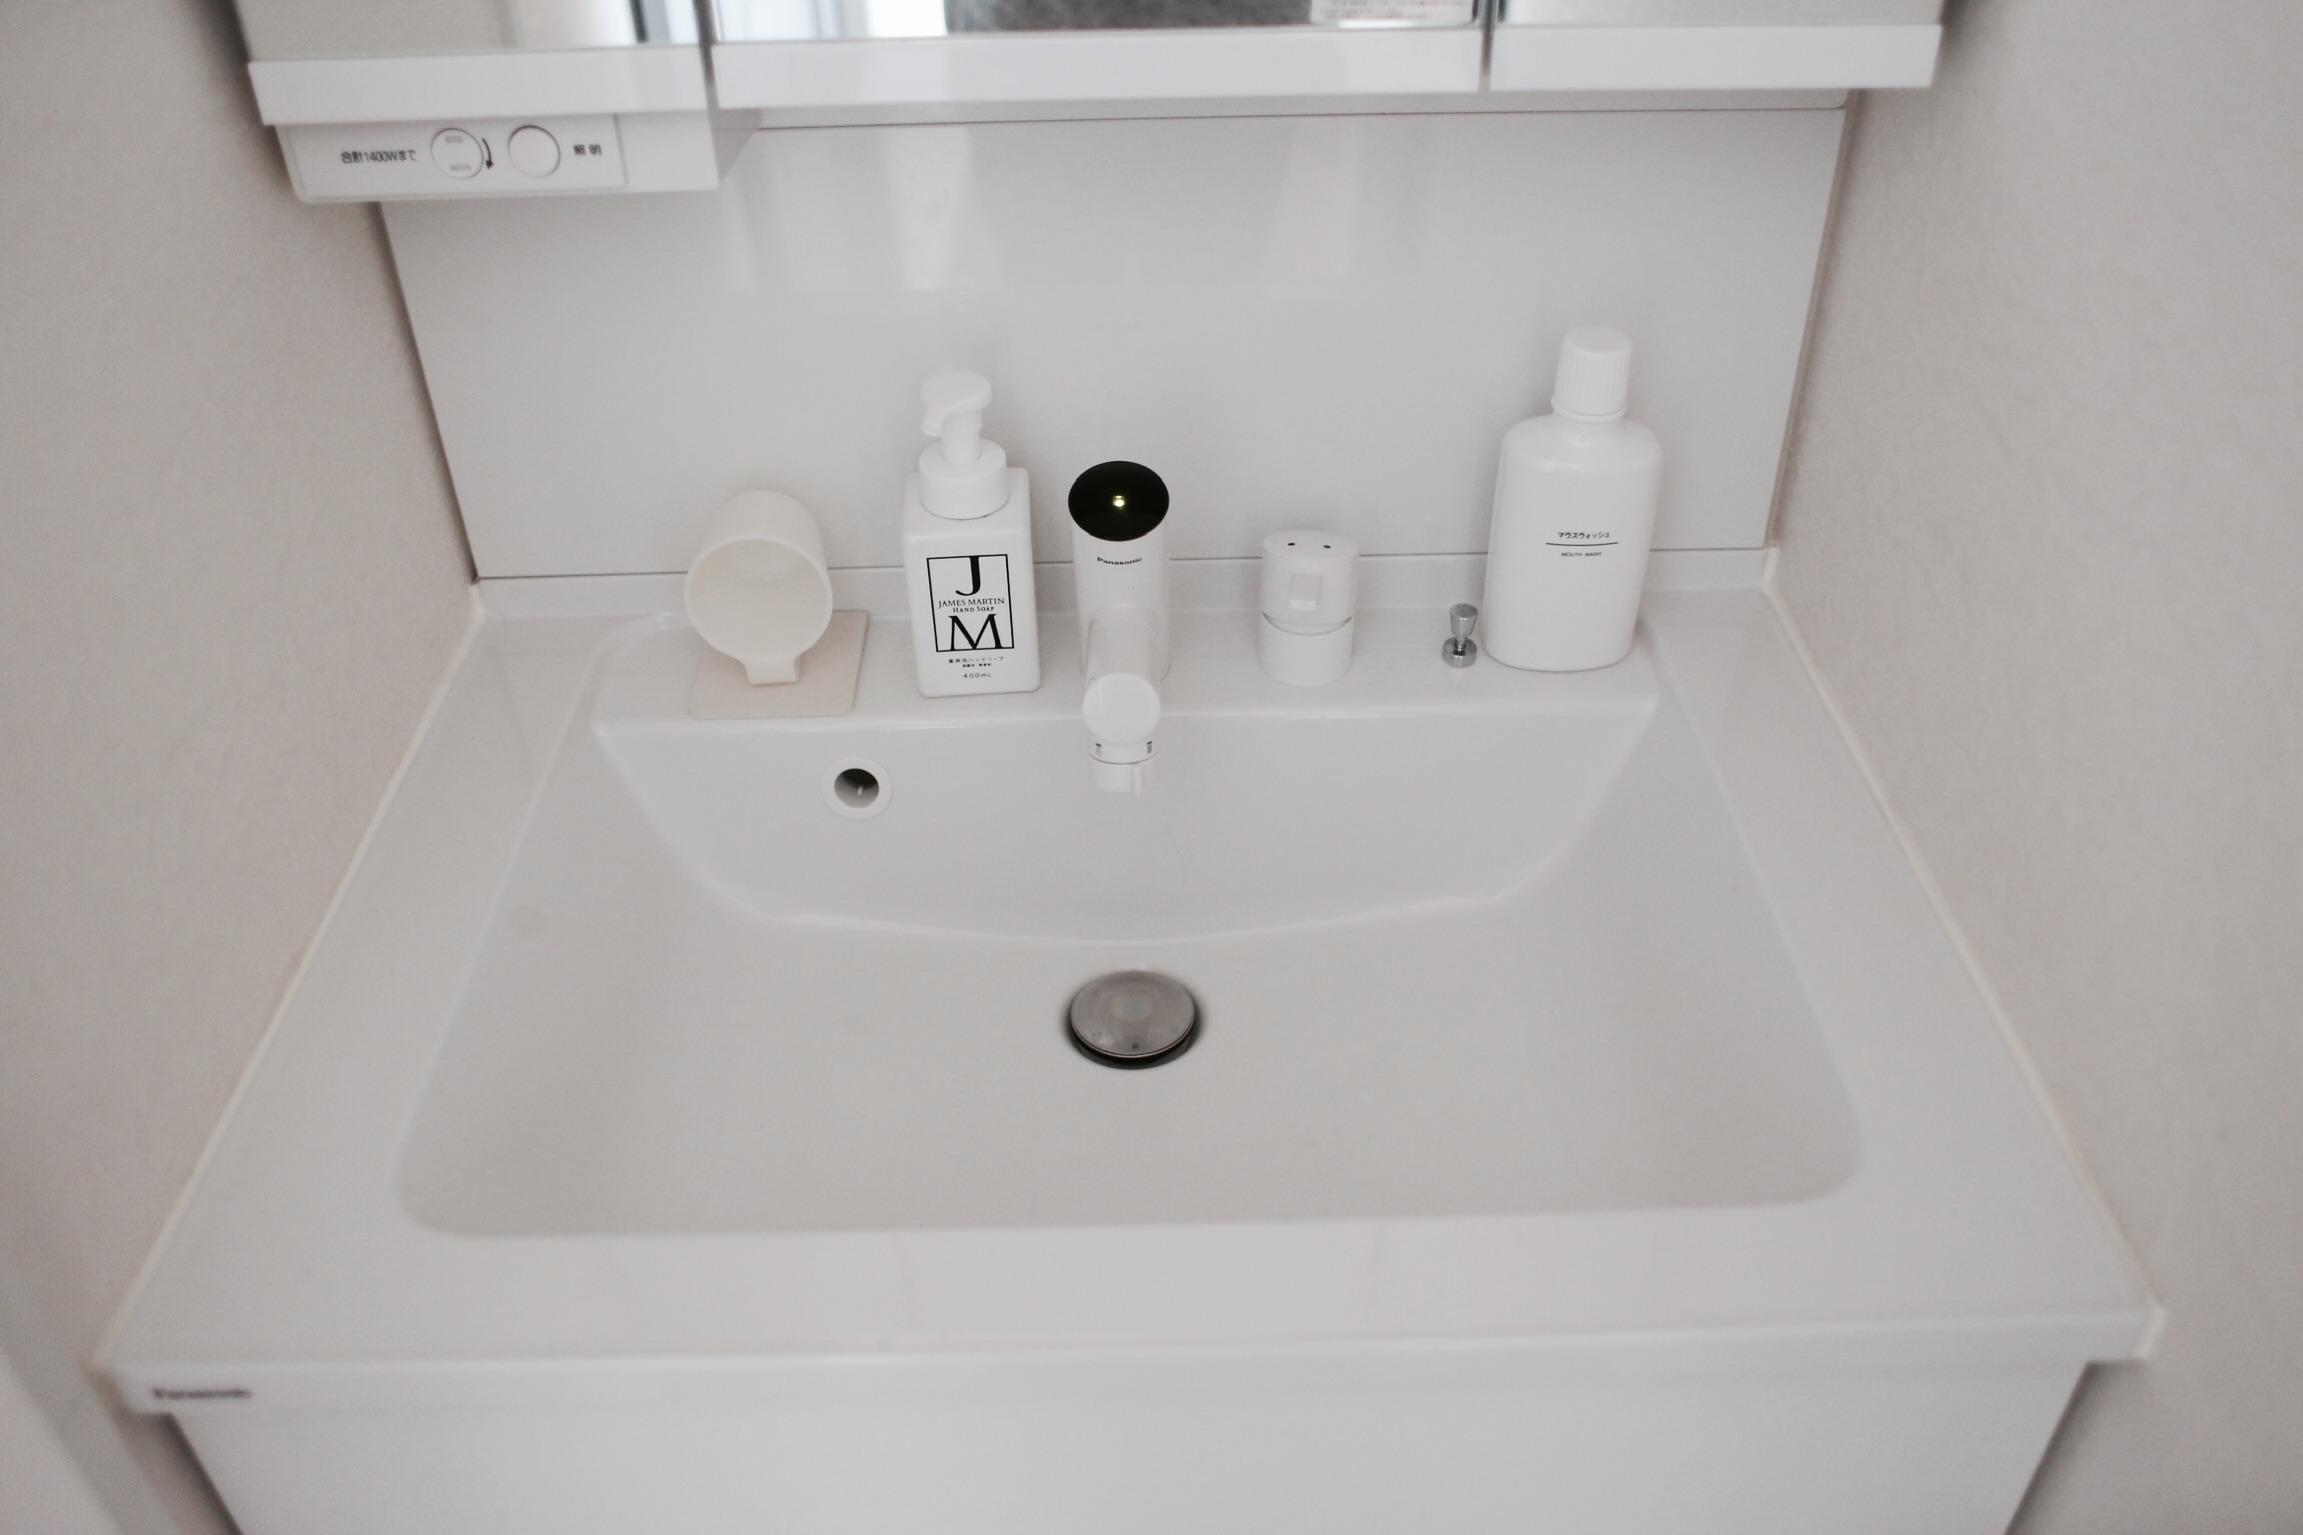 《web内覧会2019》リビング内洗面所1 タッチレス水栓はメリットたくさん!使い勝手抜群!